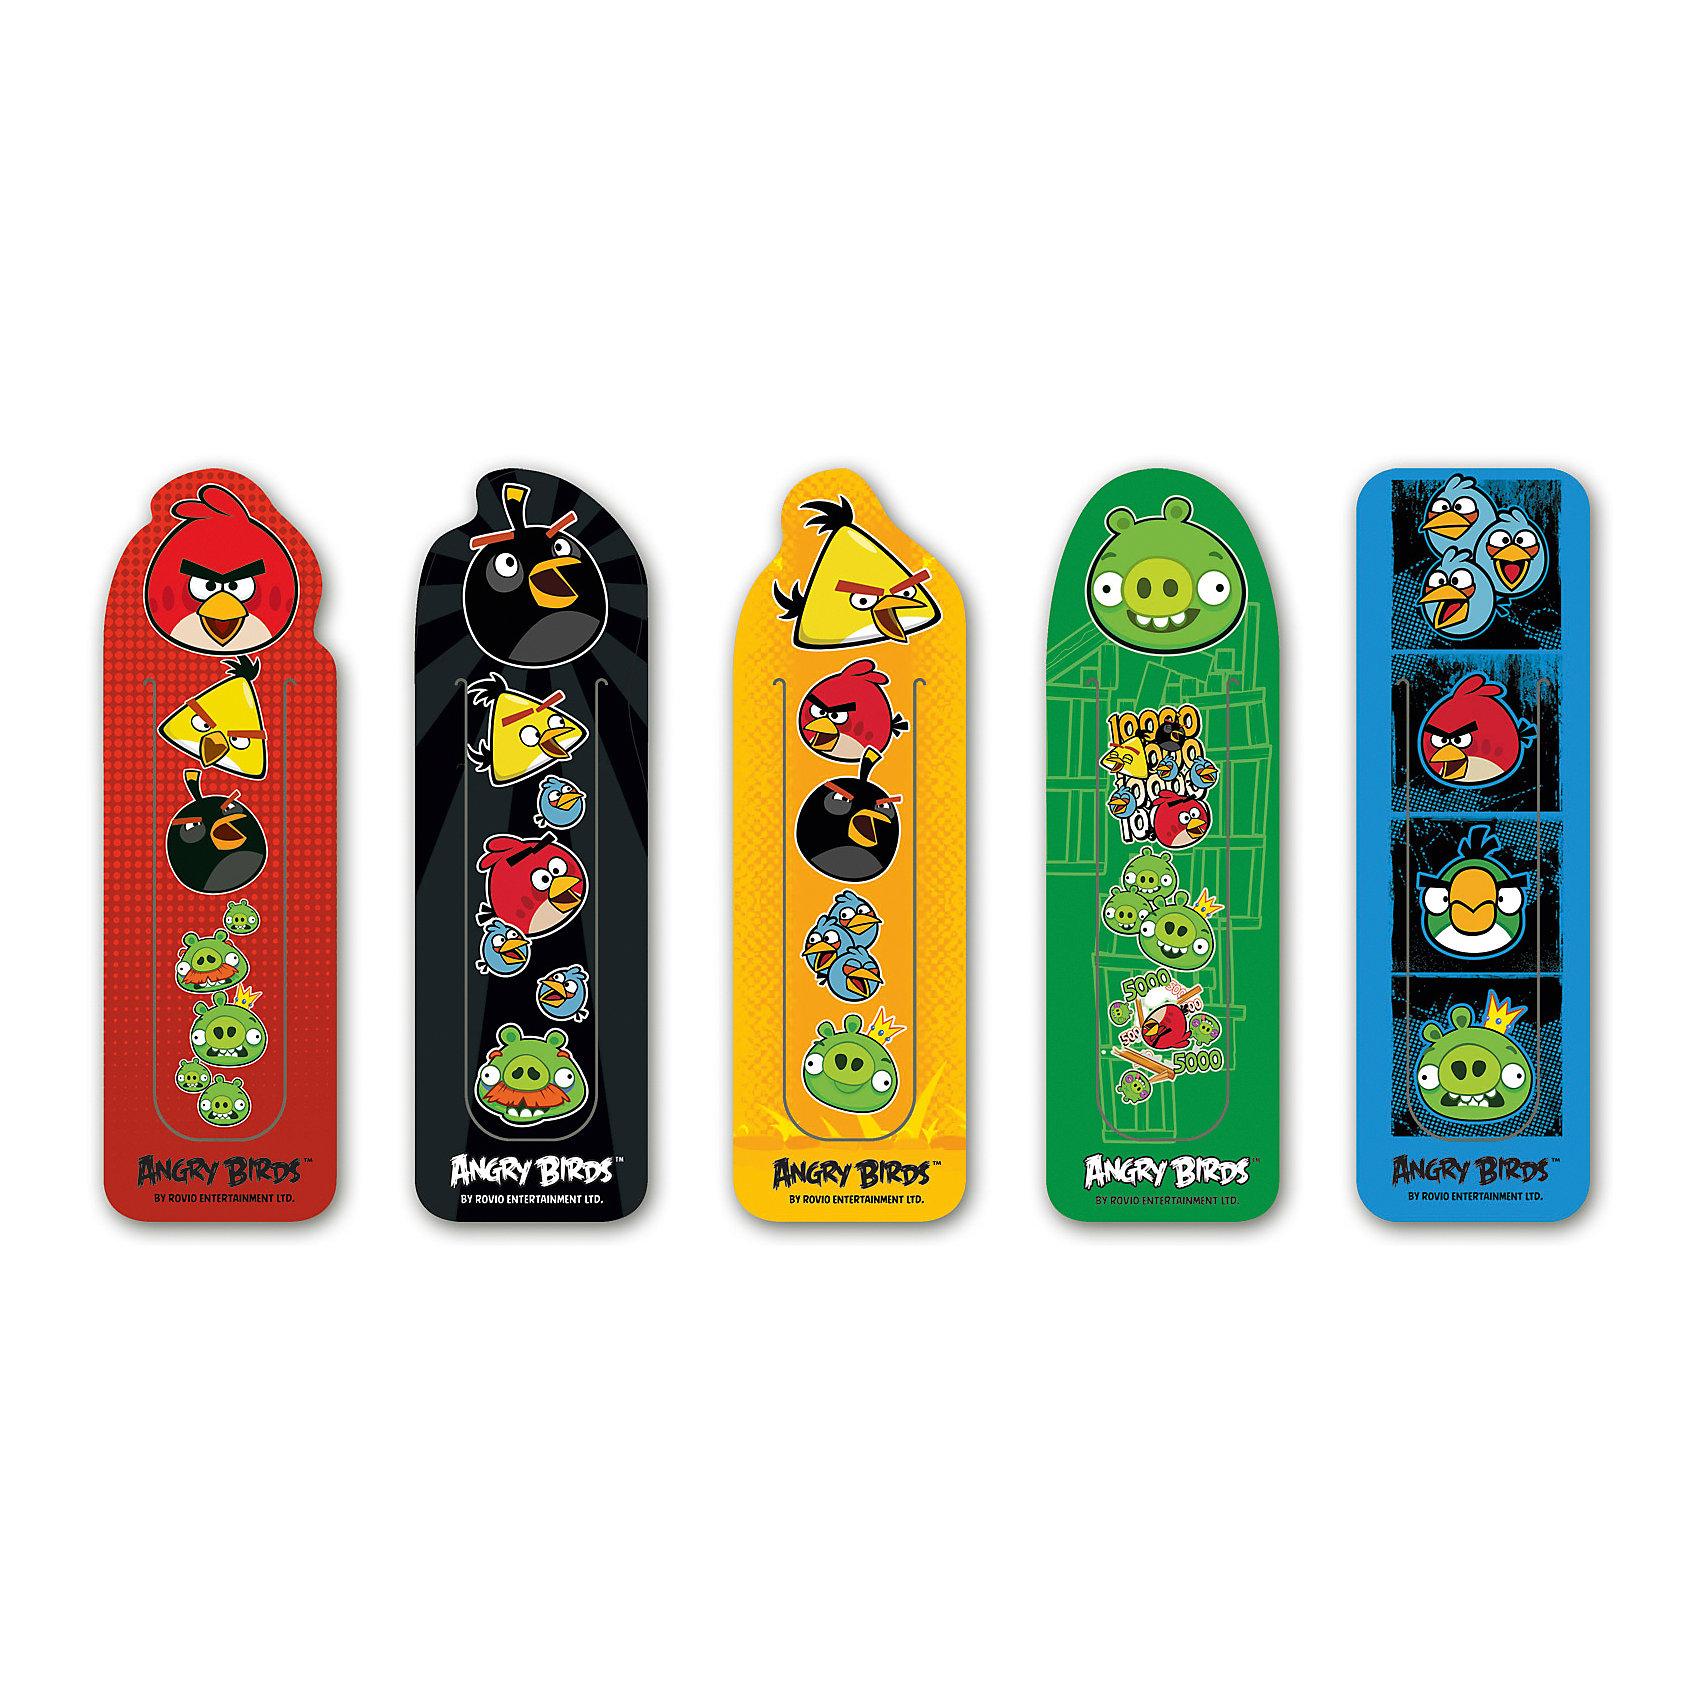 Набор фигурных закладок Angry Birds (5 шт)Школьные аксессуары<br>Набор фигурных закладок Angry Birds (5 шт)<br><br>Характеристики:<br><br>• В комплекте: 5 штук<br>• Вес: 19г<br>• Размер: 260х3х230мм<br><br>Набор фигурных закладок с героями знаменитого мультфильма не оставит ребенка равнодушным. Такие закладки очень удобно фиксируют страницу, на которой остановился ребенок. Также их можно расположить сбоку, тем самым пометив строку, на которой остановили чтение.<br><br>Набор фигурных закладок Angry Birds (5 шт) можно купить в нашем интернет-магазине.<br><br>Ширина мм: 260<br>Глубина мм: 3<br>Высота мм: 230<br>Вес г: 19<br>Возраст от месяцев: 48<br>Возраст до месяцев: 144<br>Пол: Унисекс<br>Возраст: Детский<br>SKU: 5390333